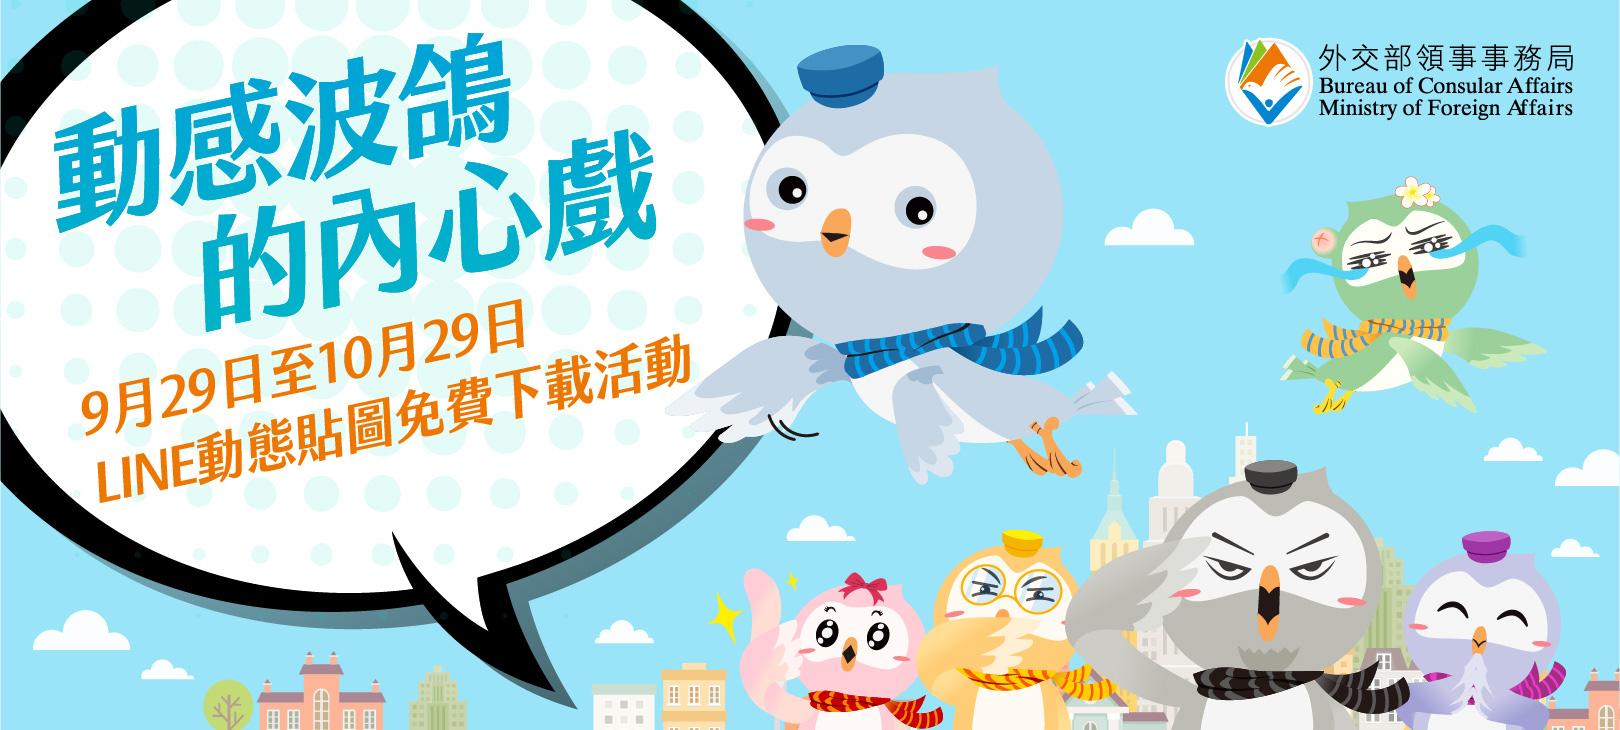 LINE官方帳號「動感波鴿的內心戲」動態貼圖免費下載活動